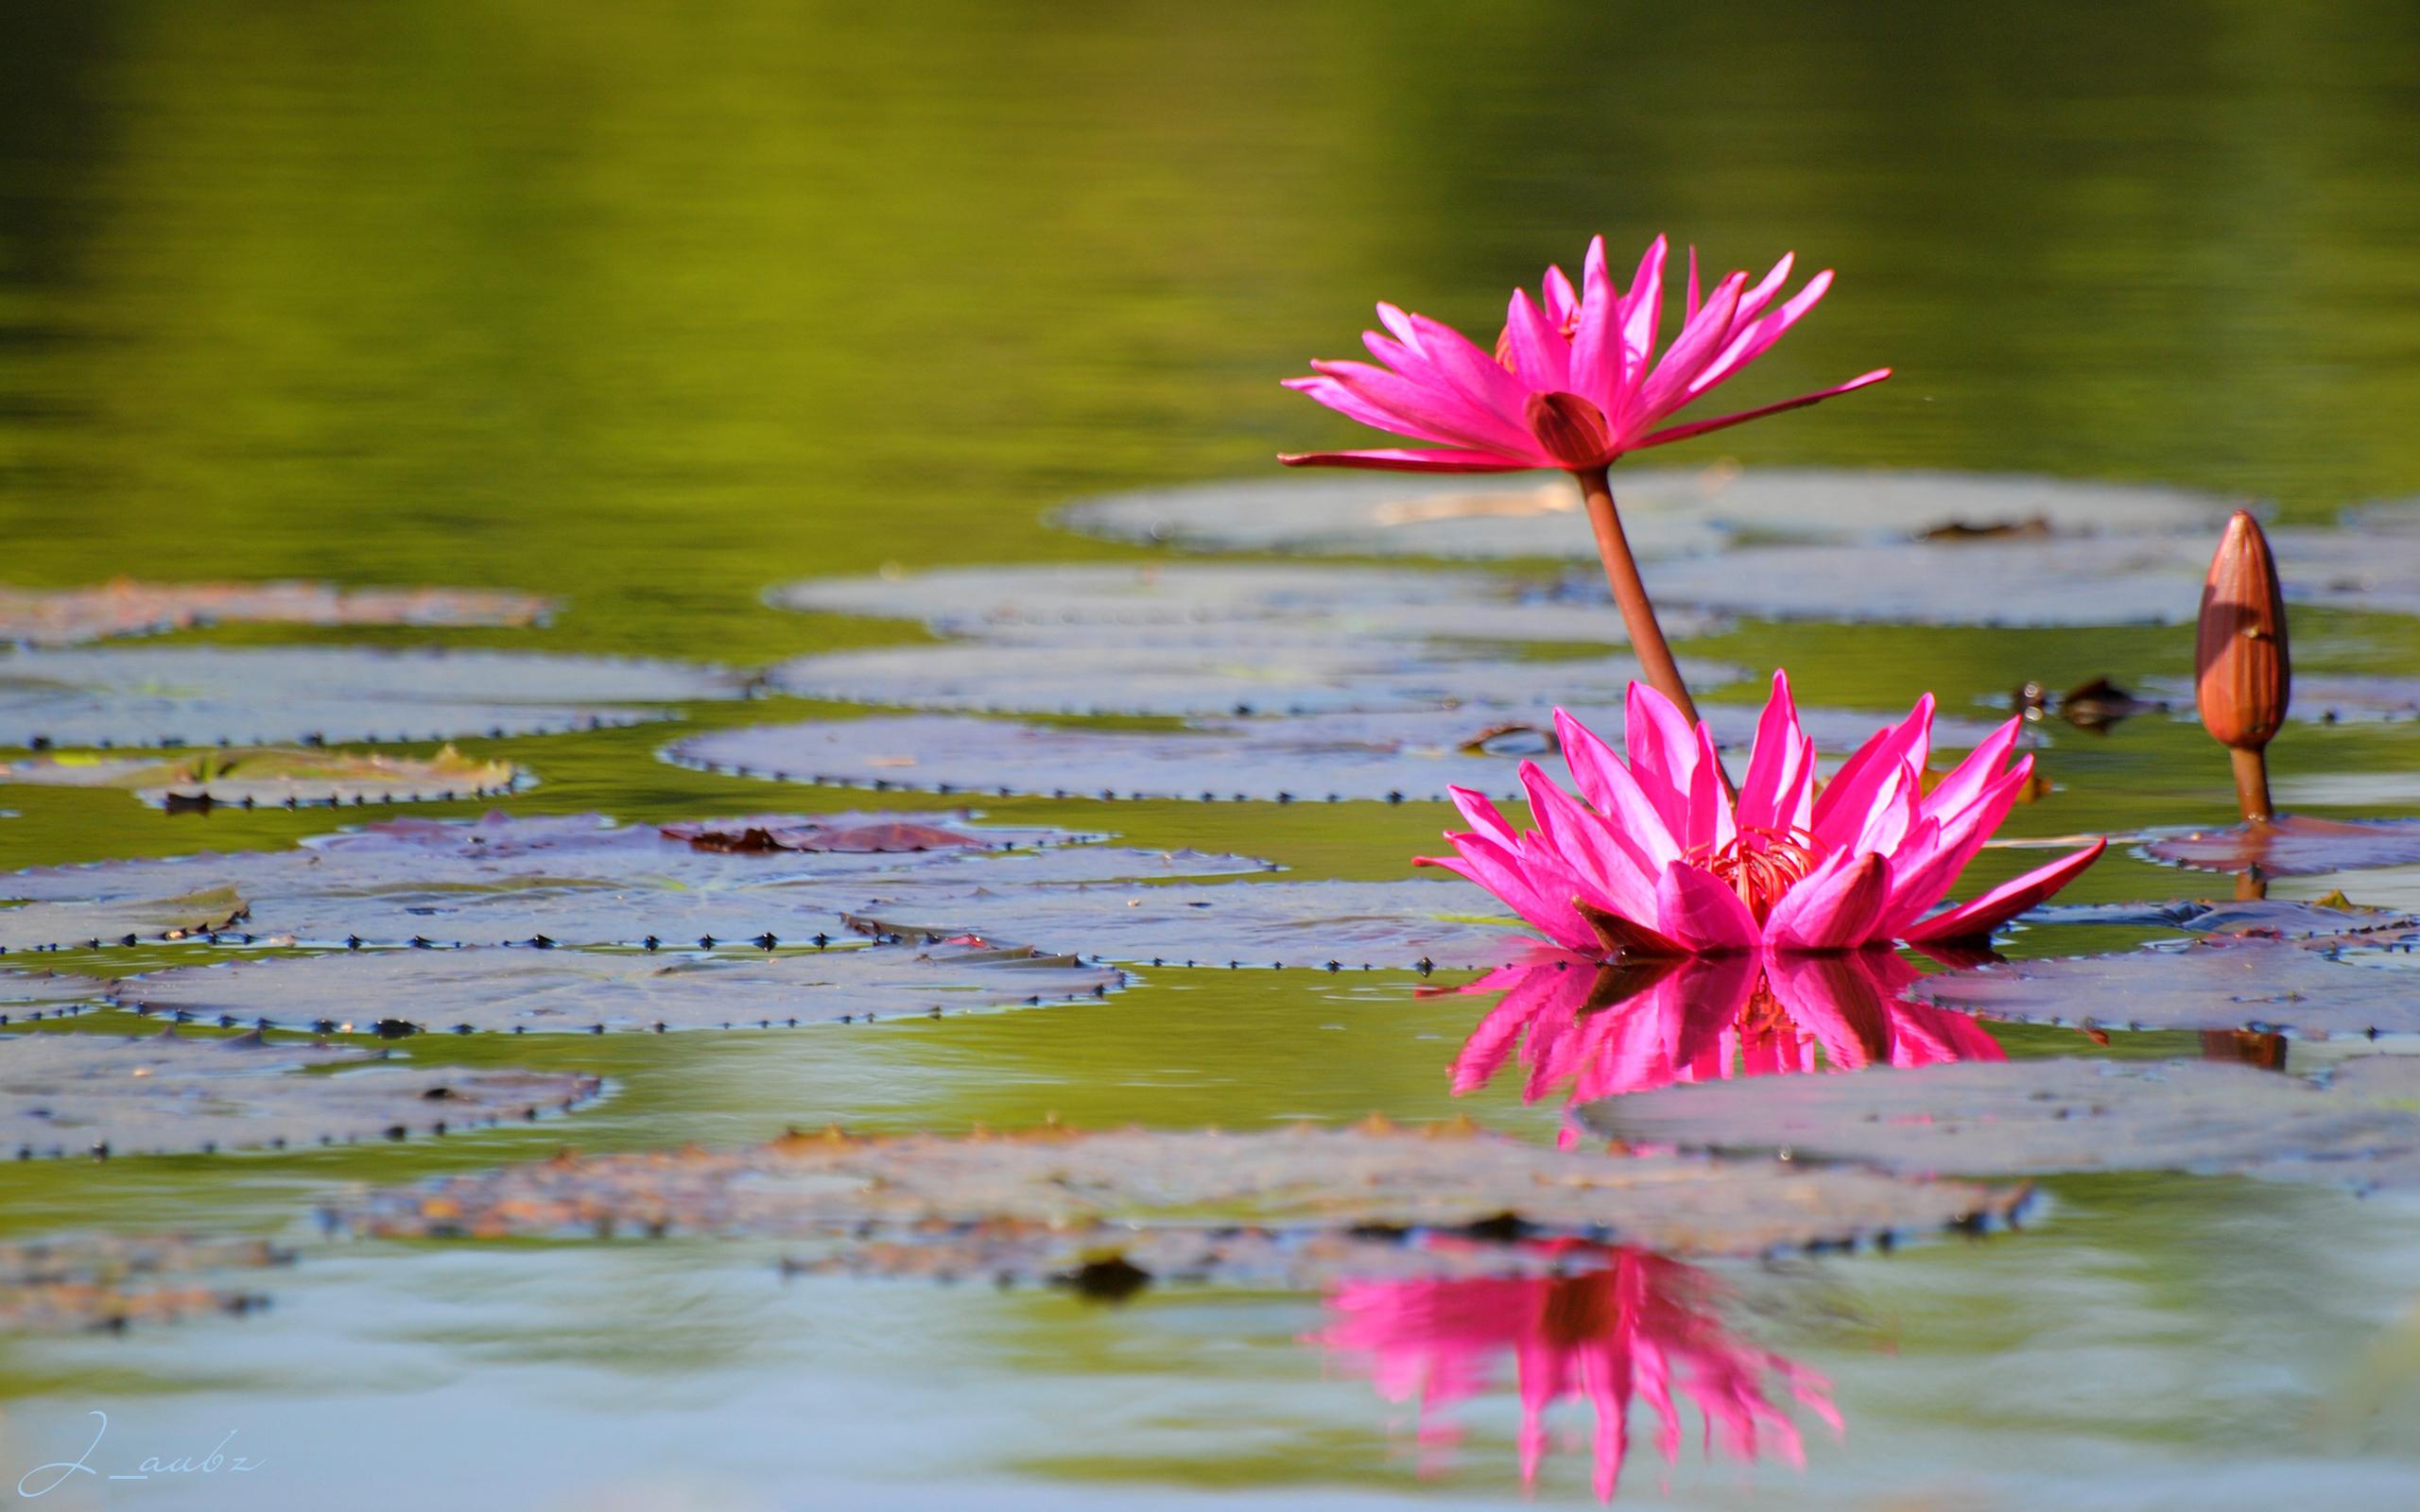 лилия, озеро, листья без смс